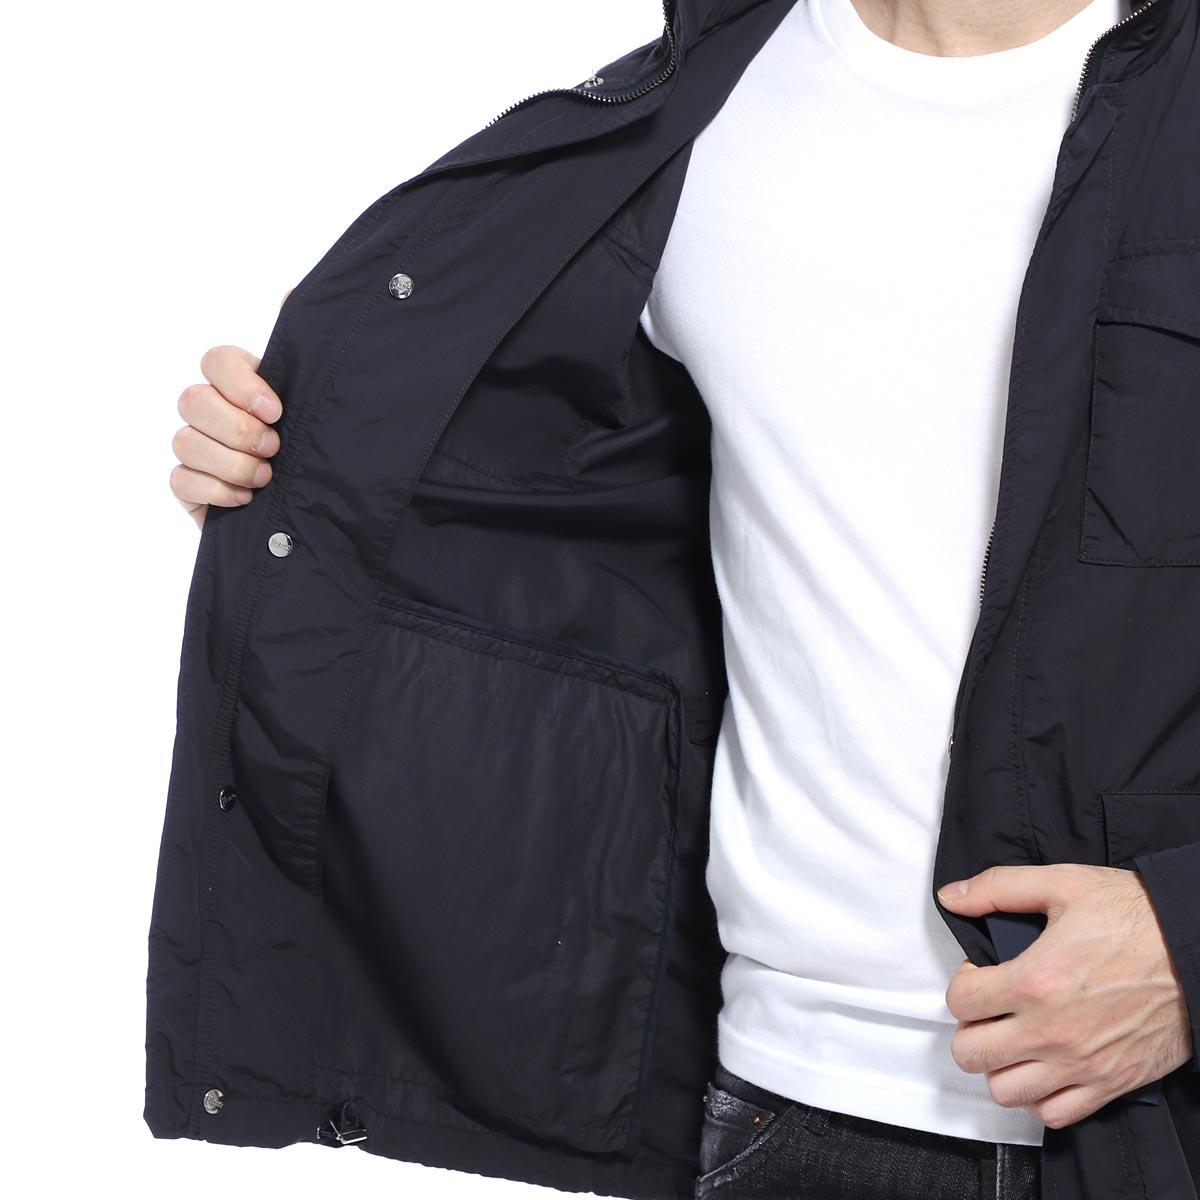 【アウトレット】HERNO ヘルノ フィールドジャケット/WASHED FIELD JACKET【大きいサイズあり】 メンズ